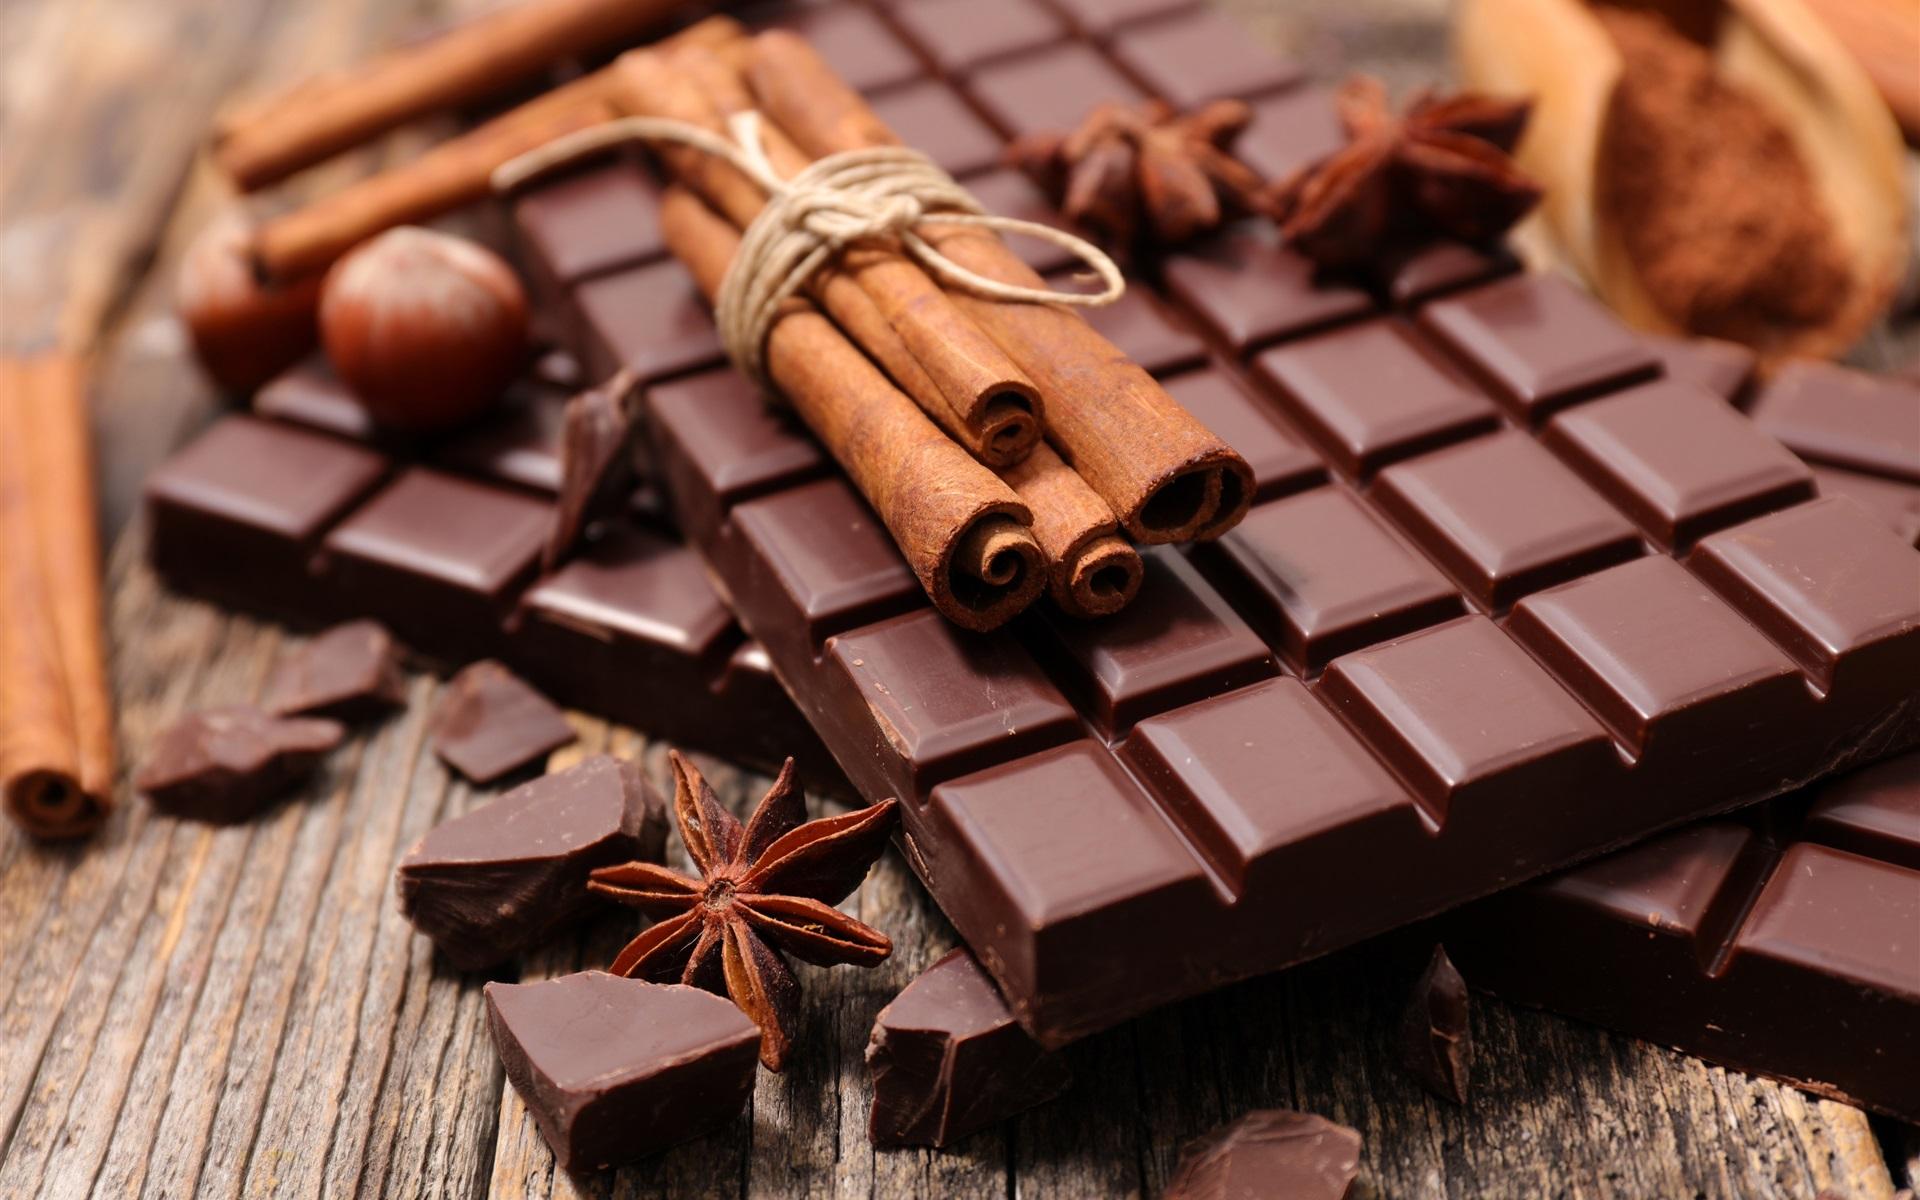 Fondos De Pantalla De Chocolates: Chocolate Y Canela Fondos De Pantalla